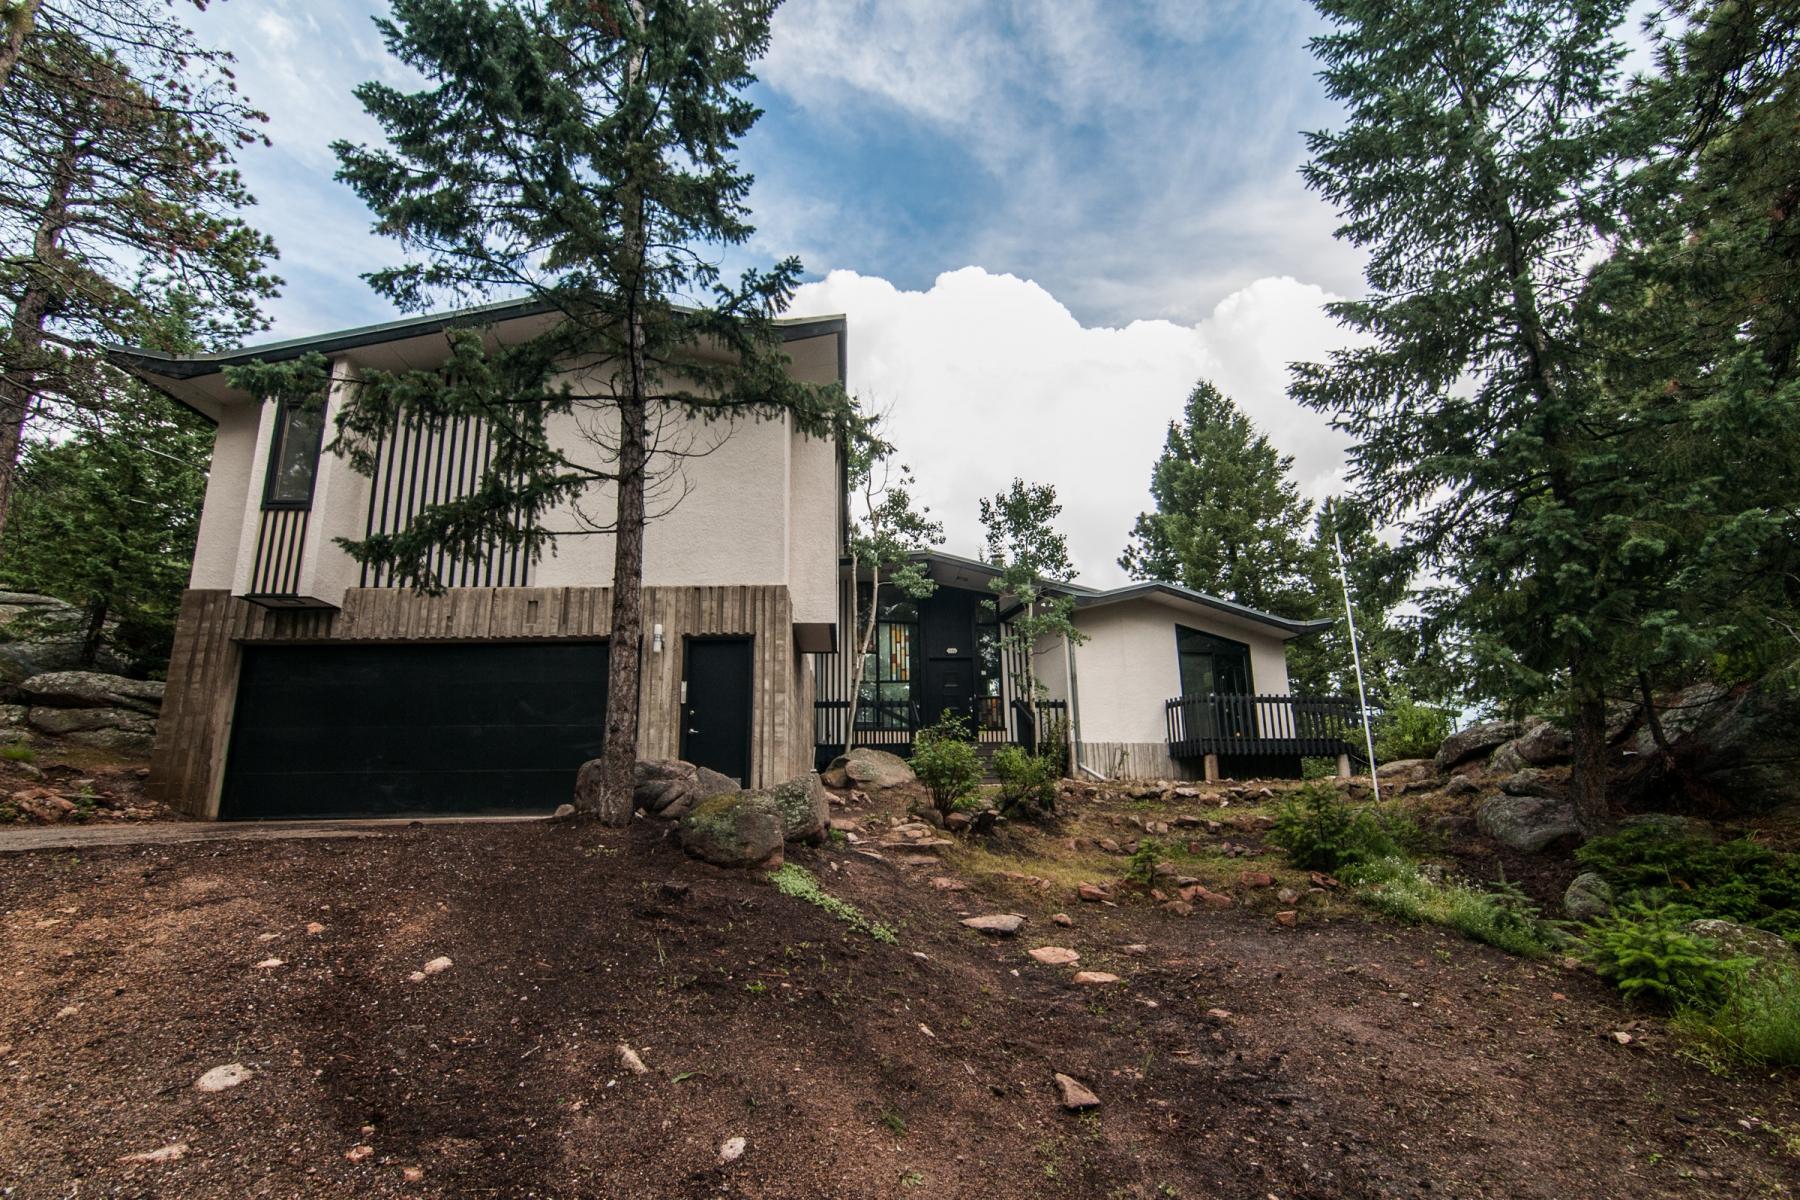 Частный односемейный дом для того Продажа на Unique Mid-Century Modern Retreat 33352 Lynx Lane Evergreen, Колорадо 80439 Соединенные Штаты